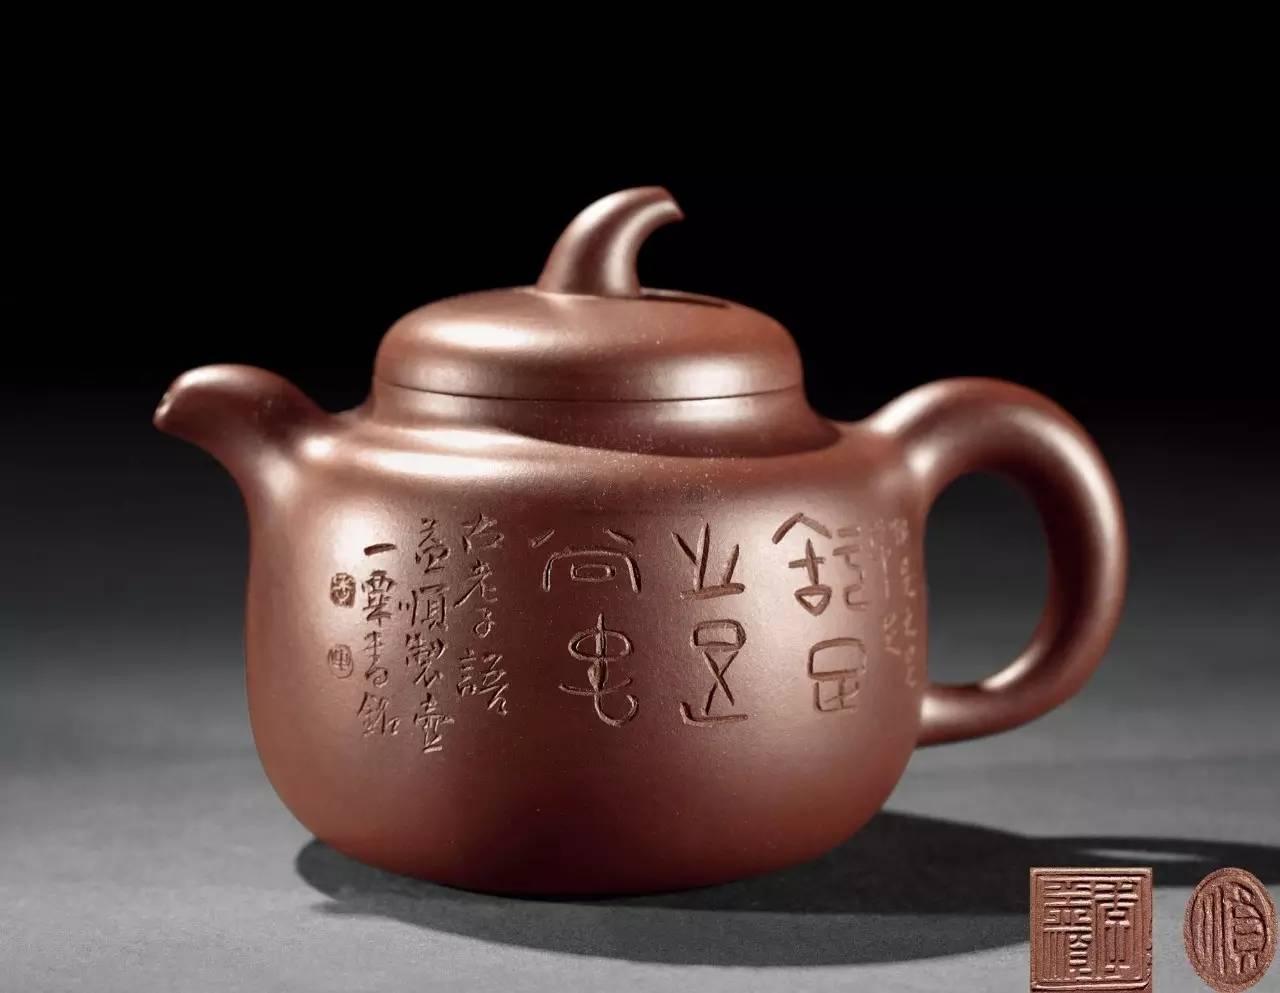 48种紫砂壶壶形大全,值得收藏!